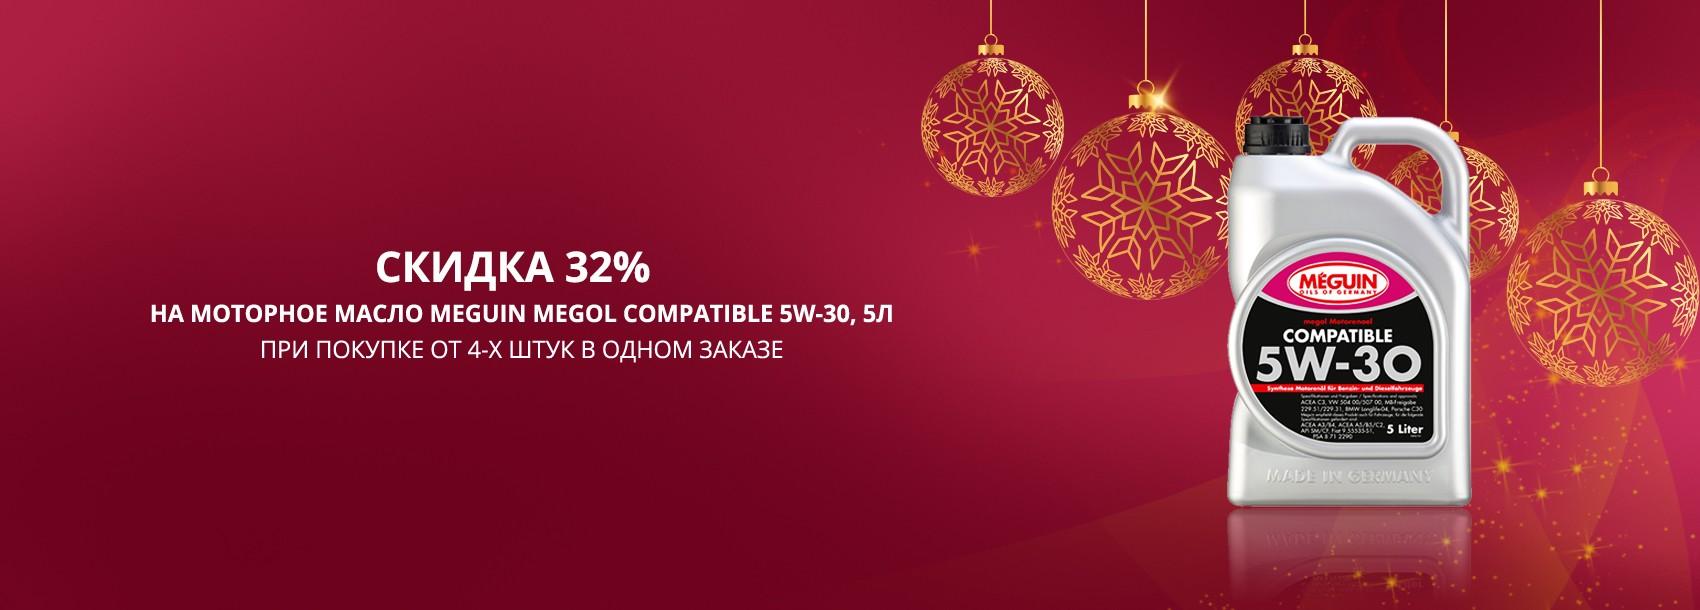 Скидка 32% на Meguin Megol Compatible 5W-30